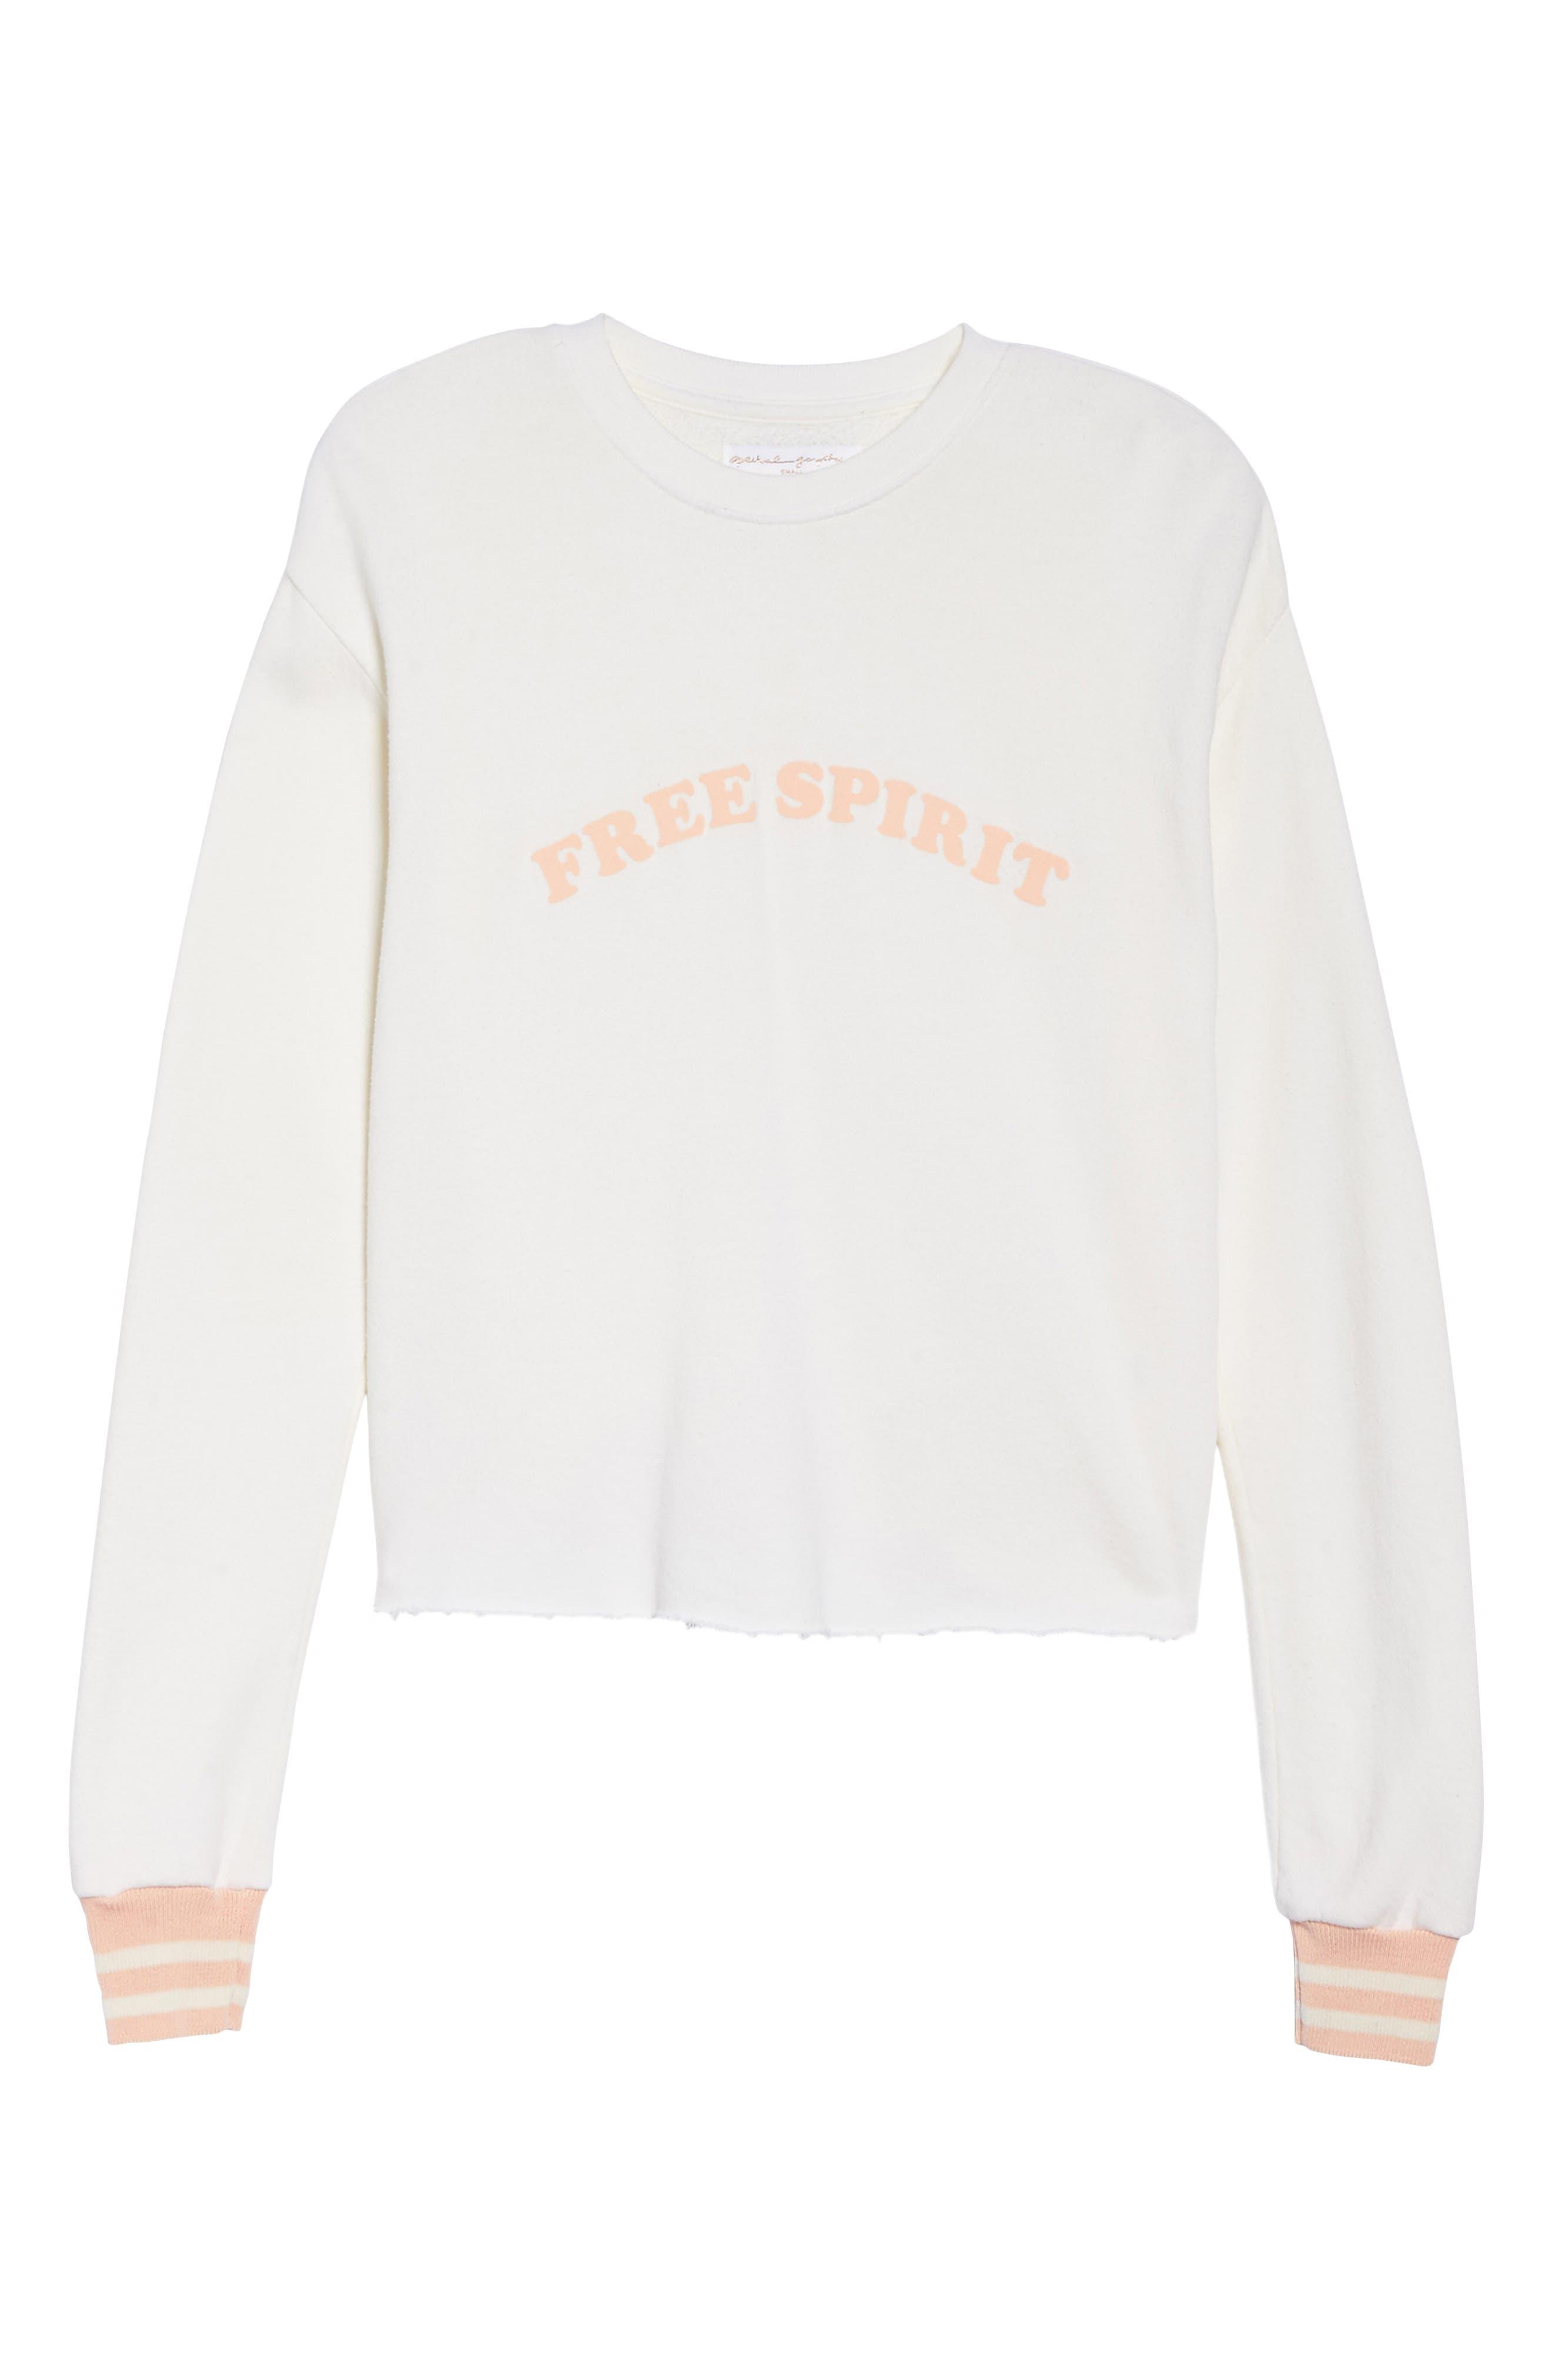 Free Spirit Crop Sweatshirt,                             Alternate thumbnail 7, color,                             114